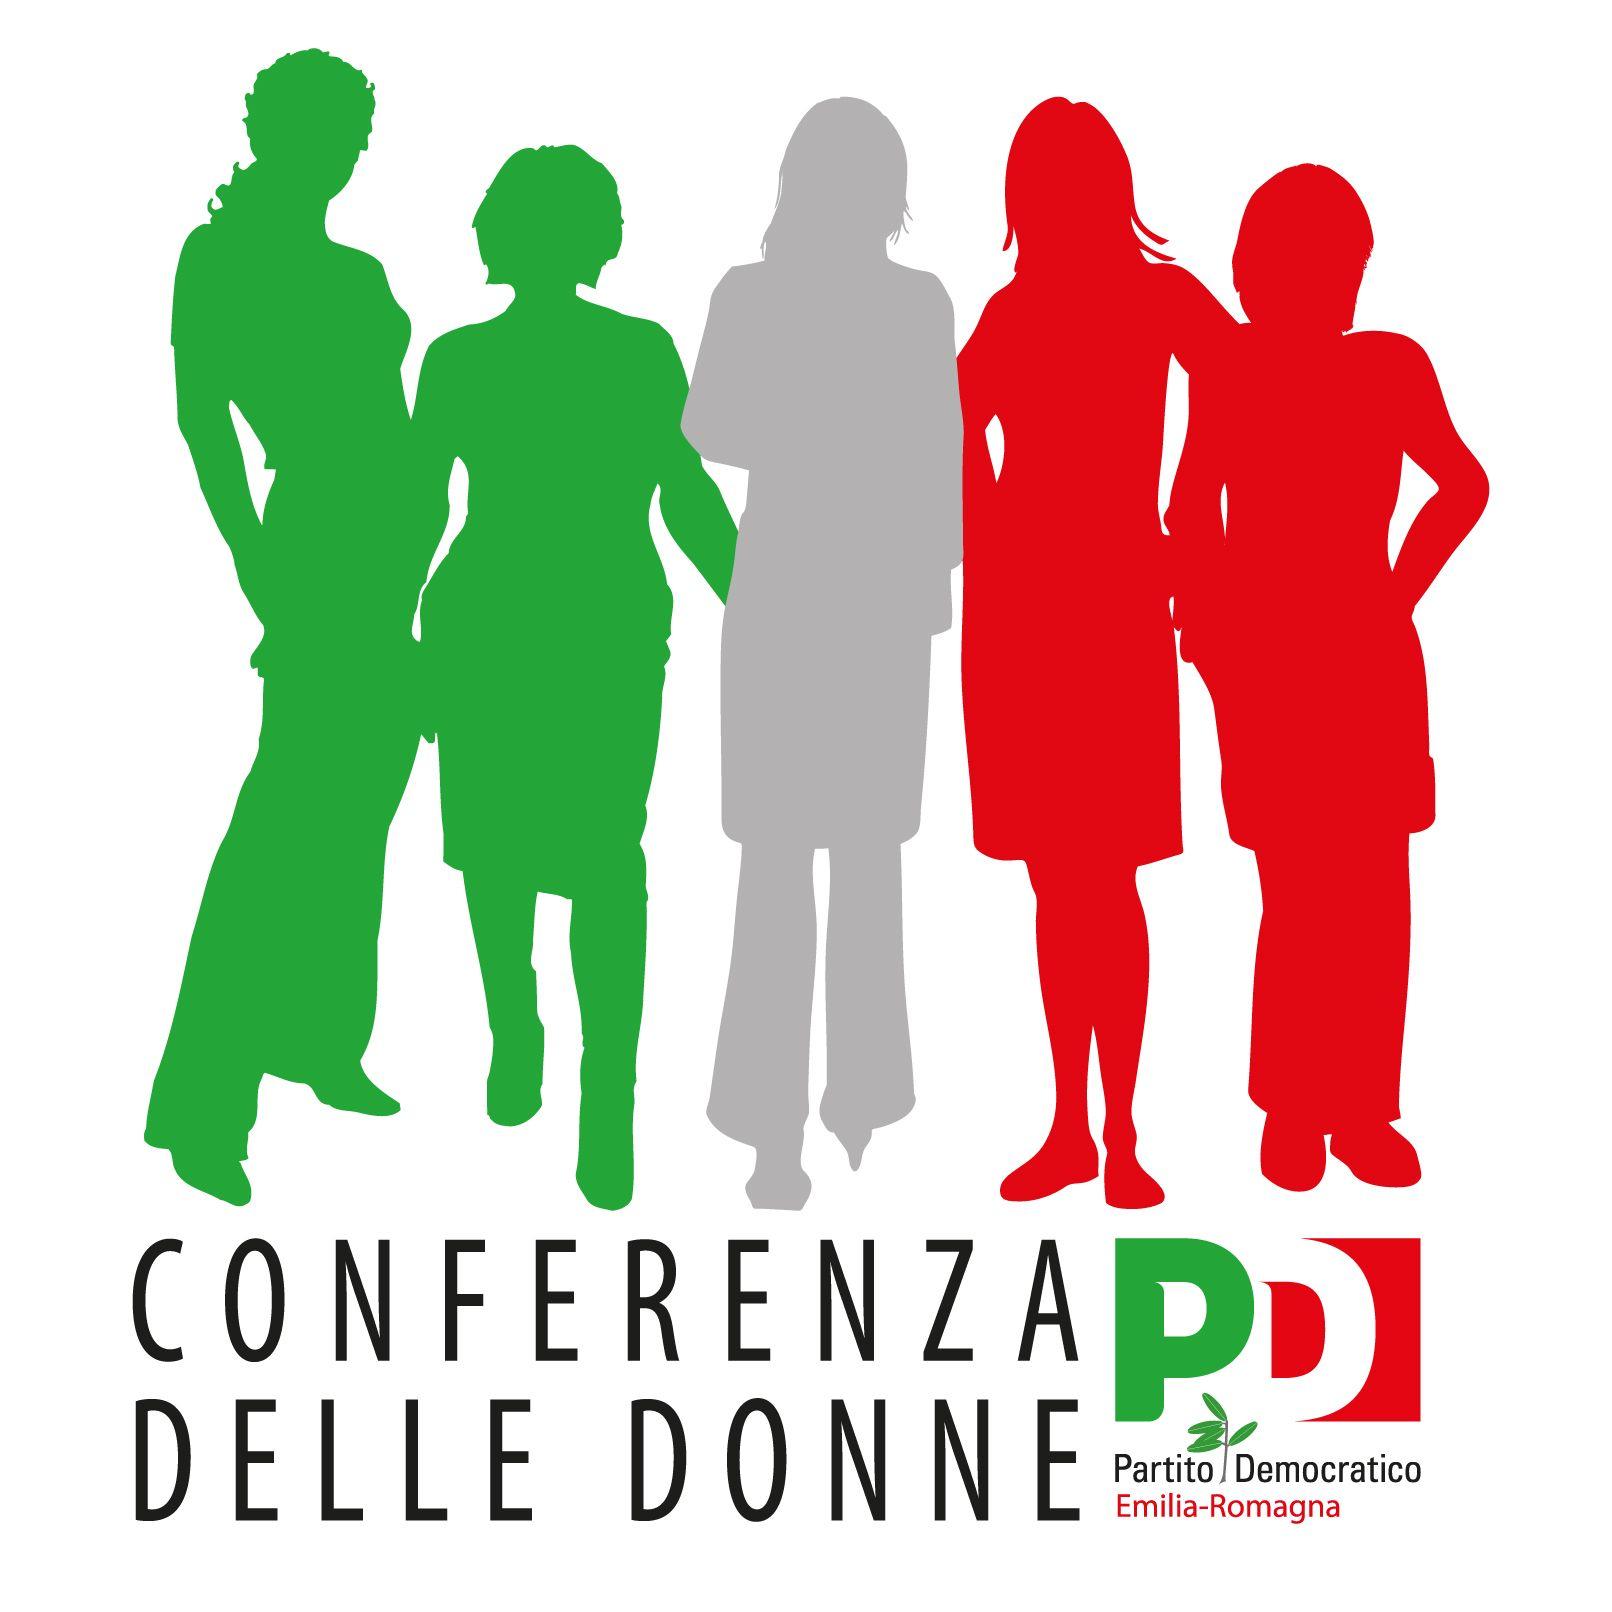 Incontro della conferenza donne pd bologna con le for Parlamentari donne del pd